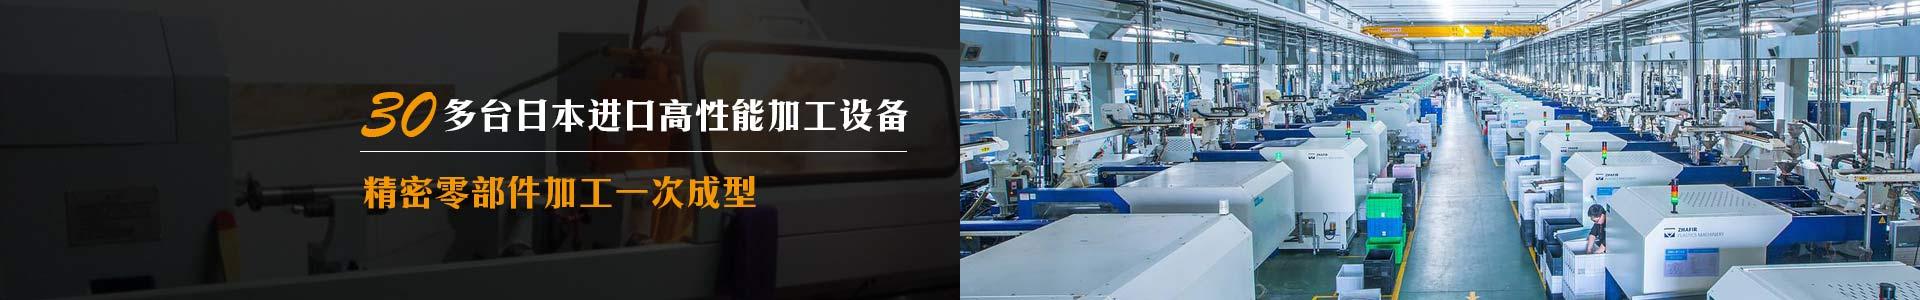 克莱弗30多台日本进口加工设备